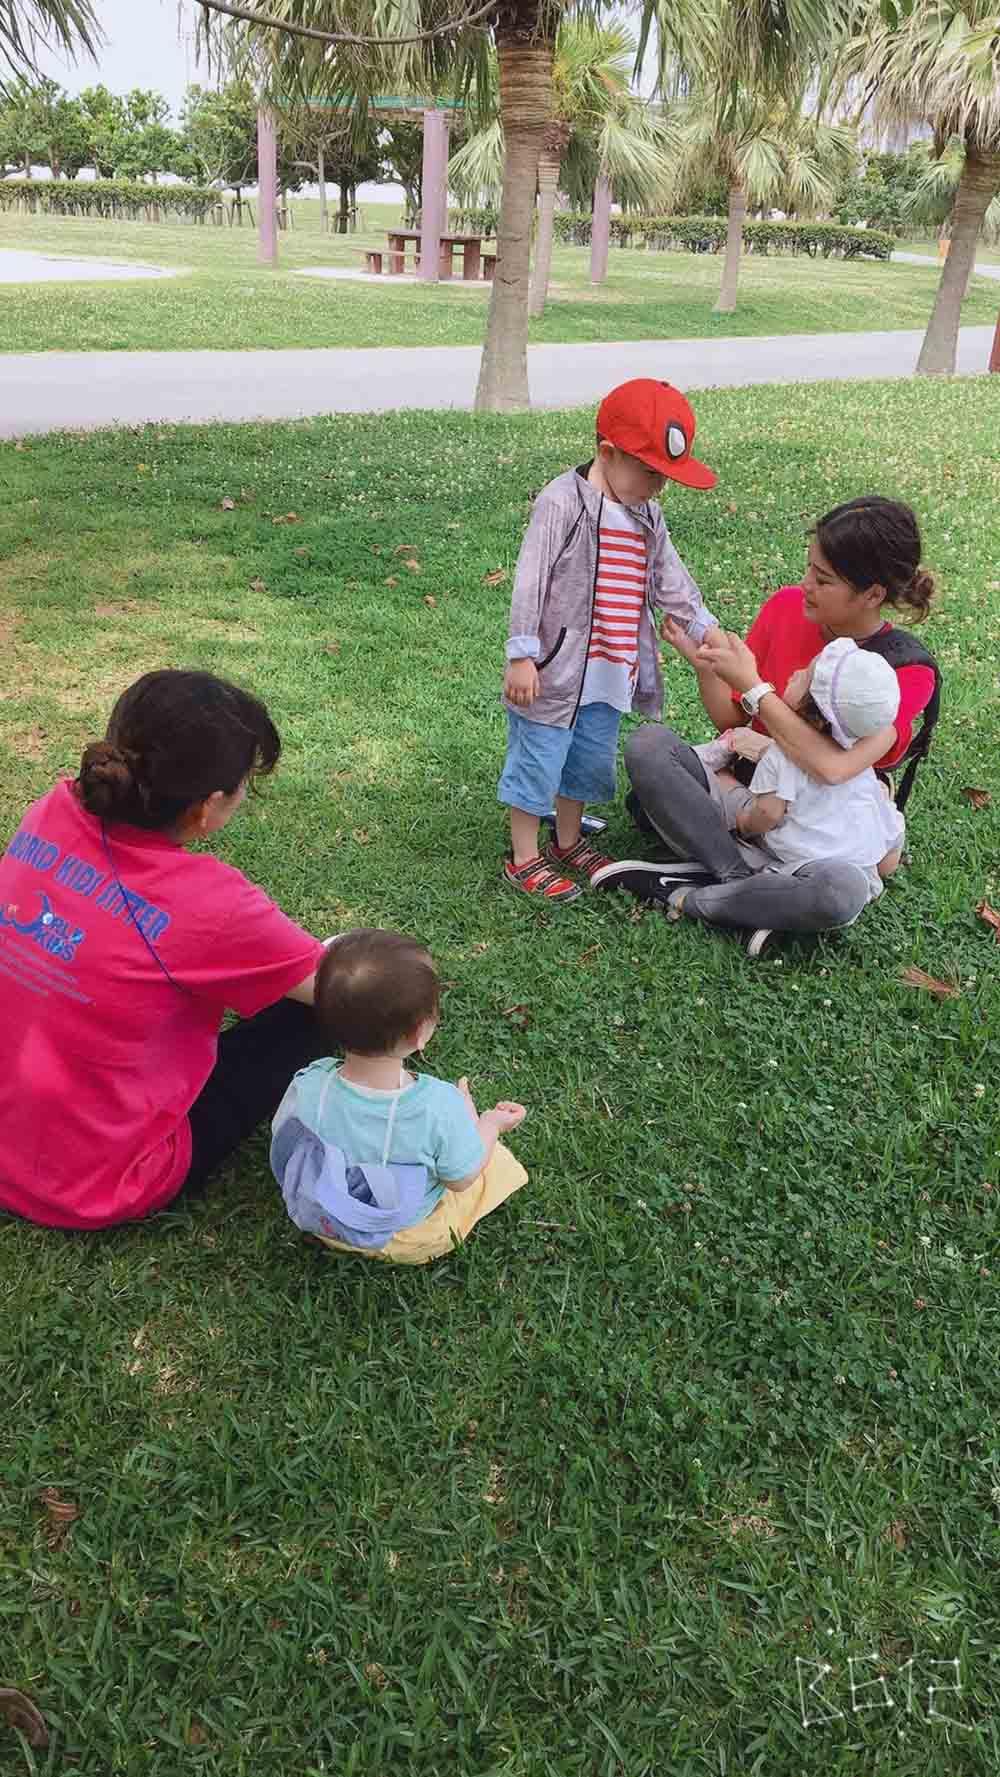 「ワールドキッズ」リゾートベビーシッター派遣、MICE用託児スペース設営サービス